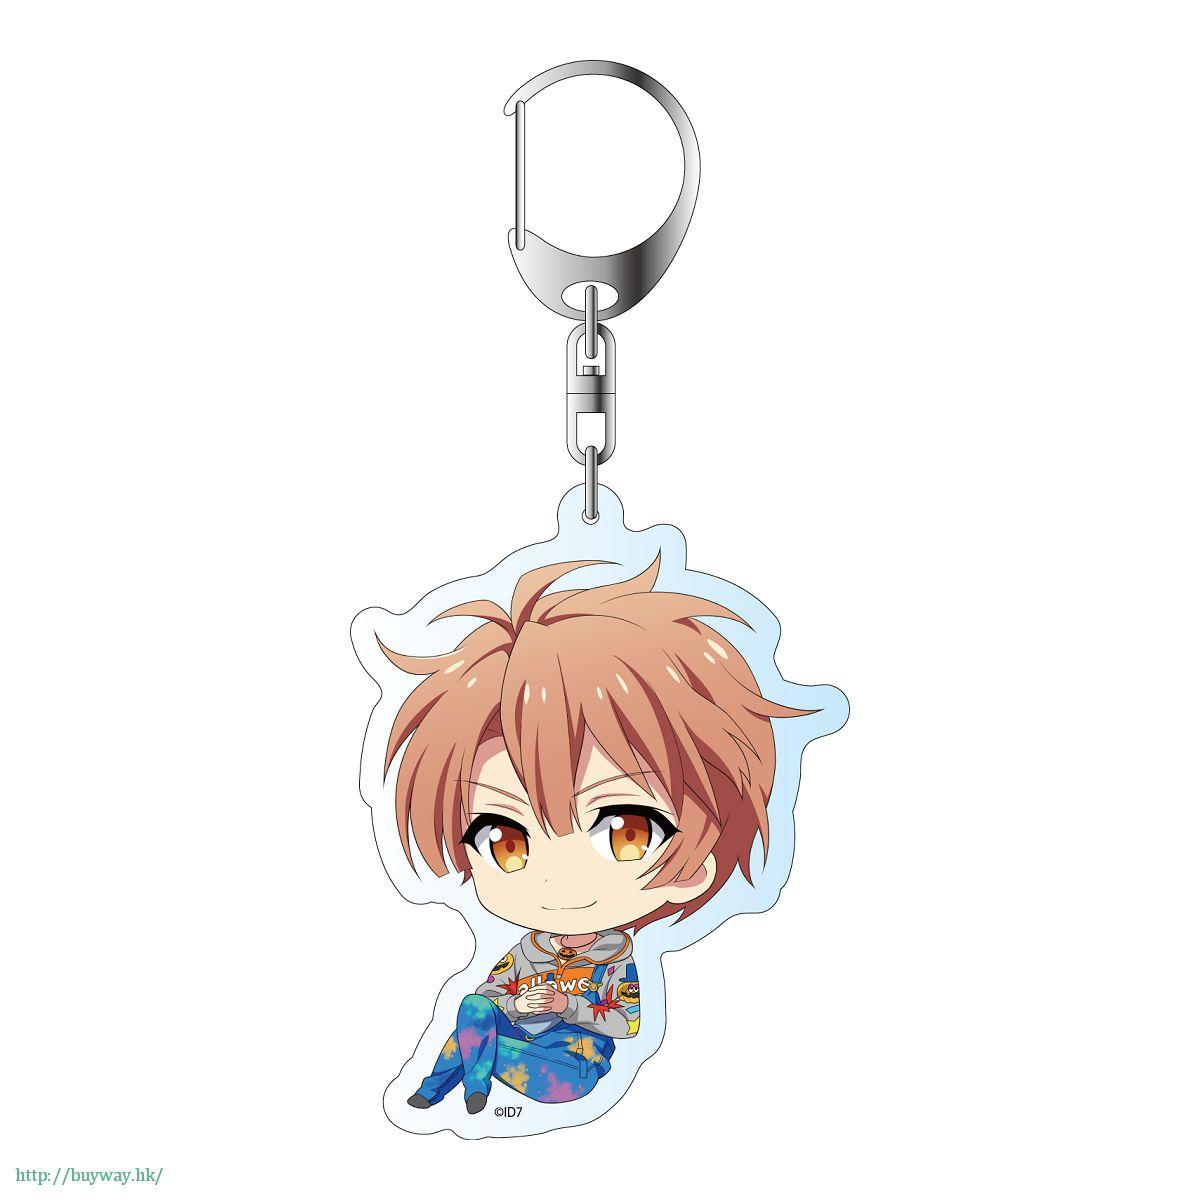 IDOLiSH7 「和泉三月」Monster Parade 亞克力匙扣 Monster Parade Acrylic Key Chain Izumi Mitsuki【IDOLiSH7】